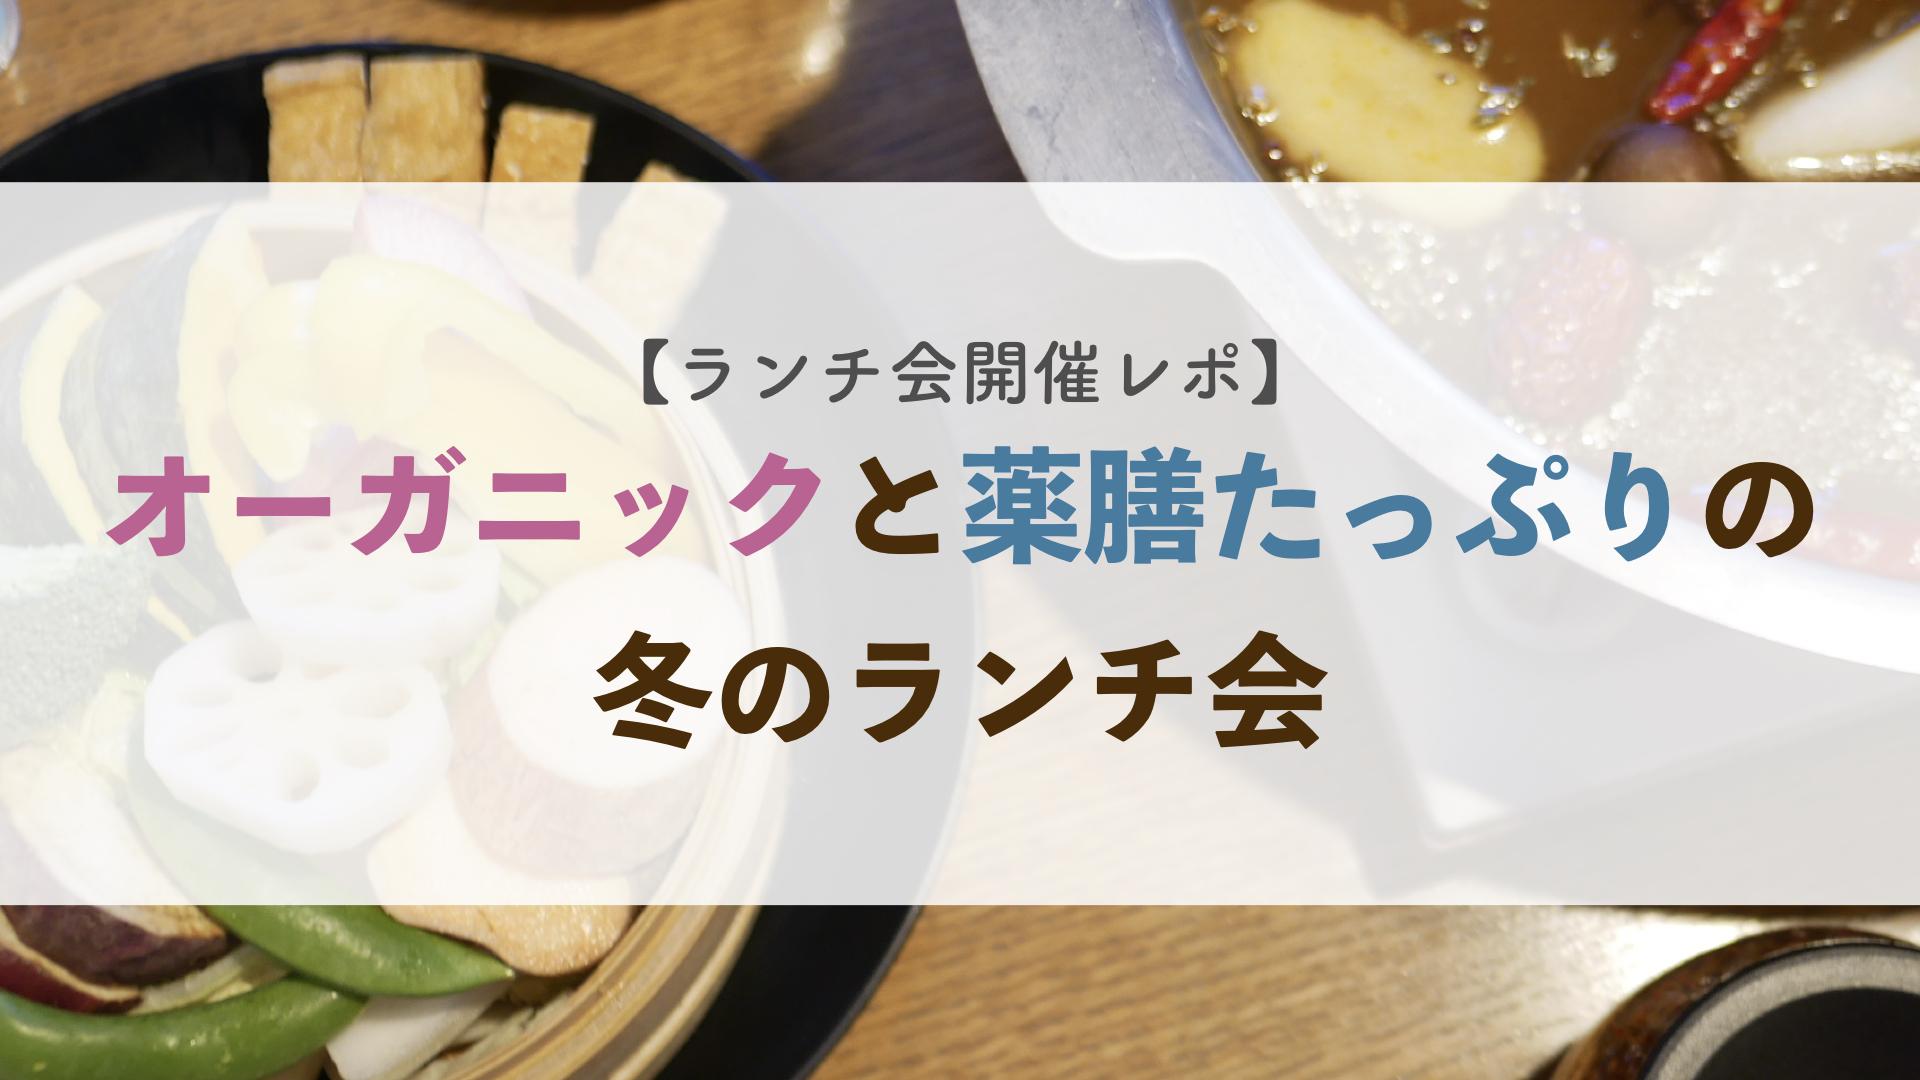 オーガニックと薬膳たっぷりのランチ会【開催レポ】